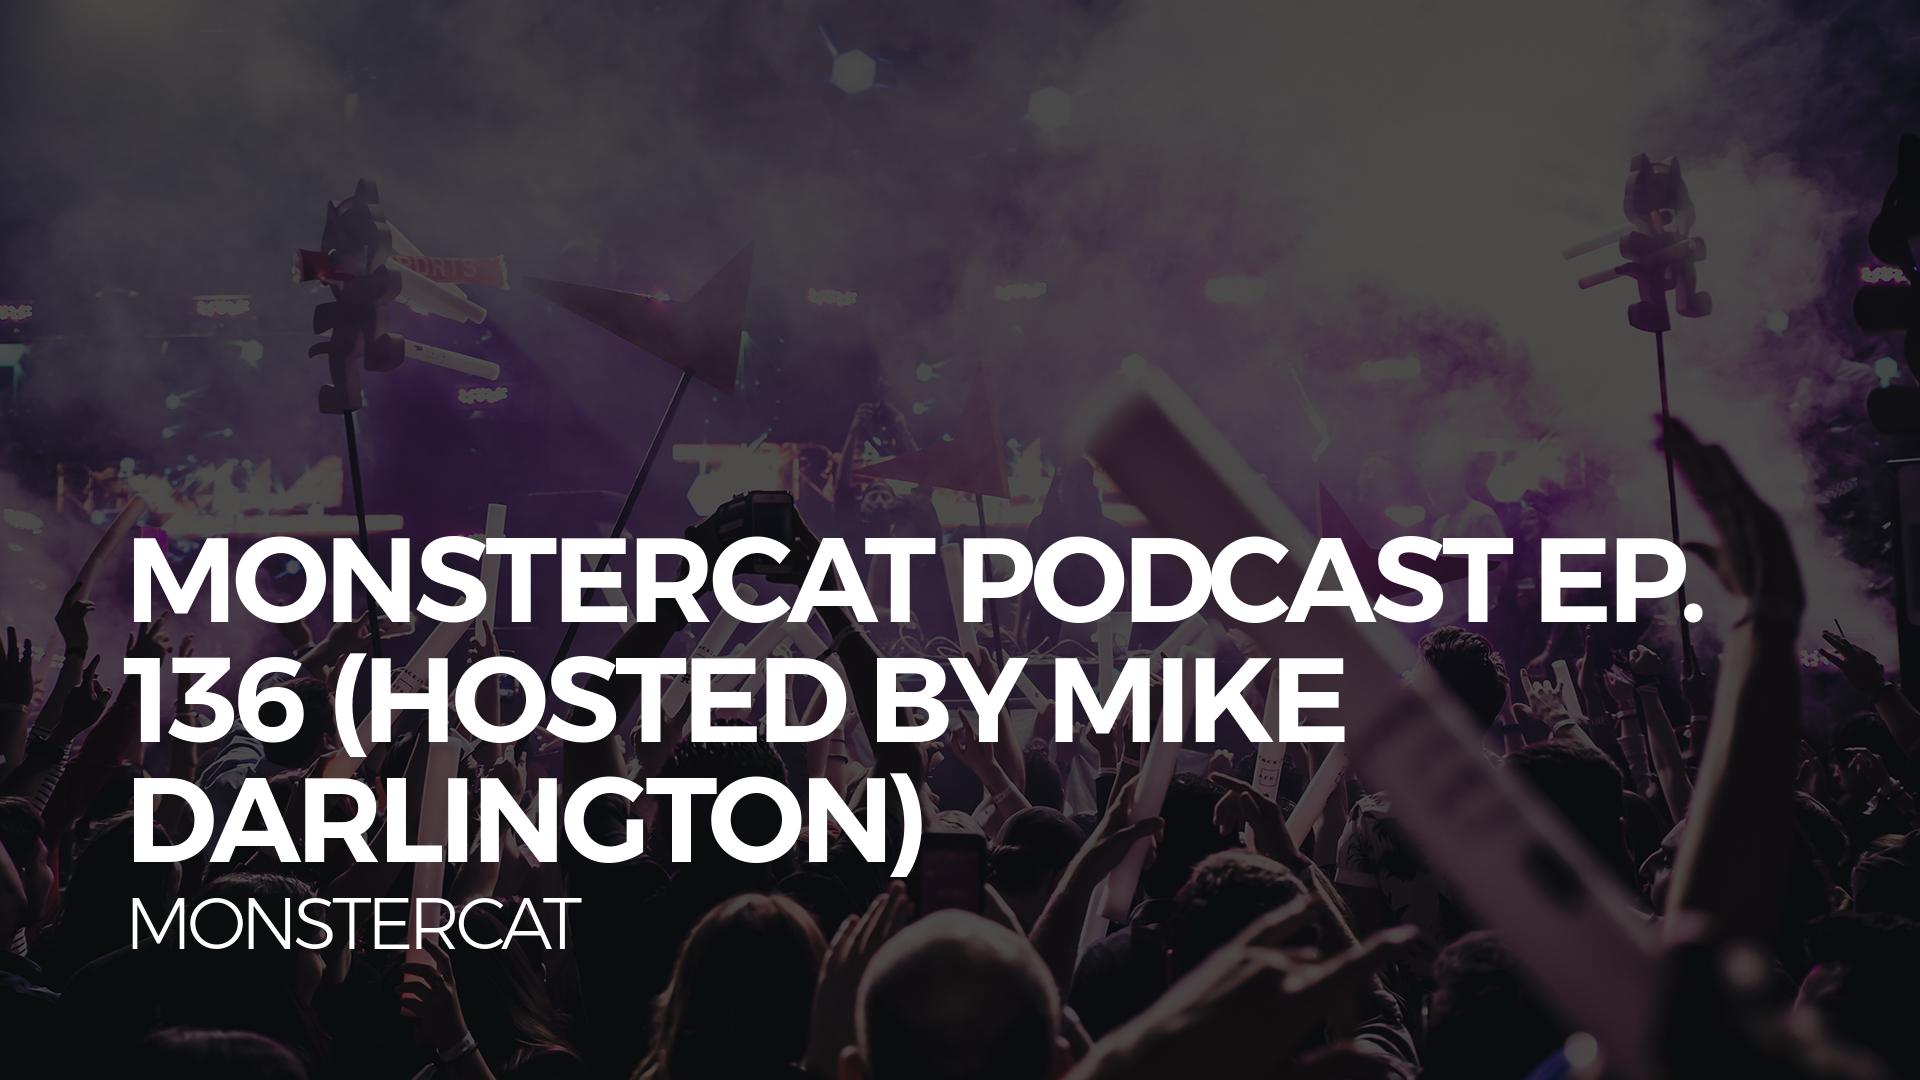 Monstercat Podcast